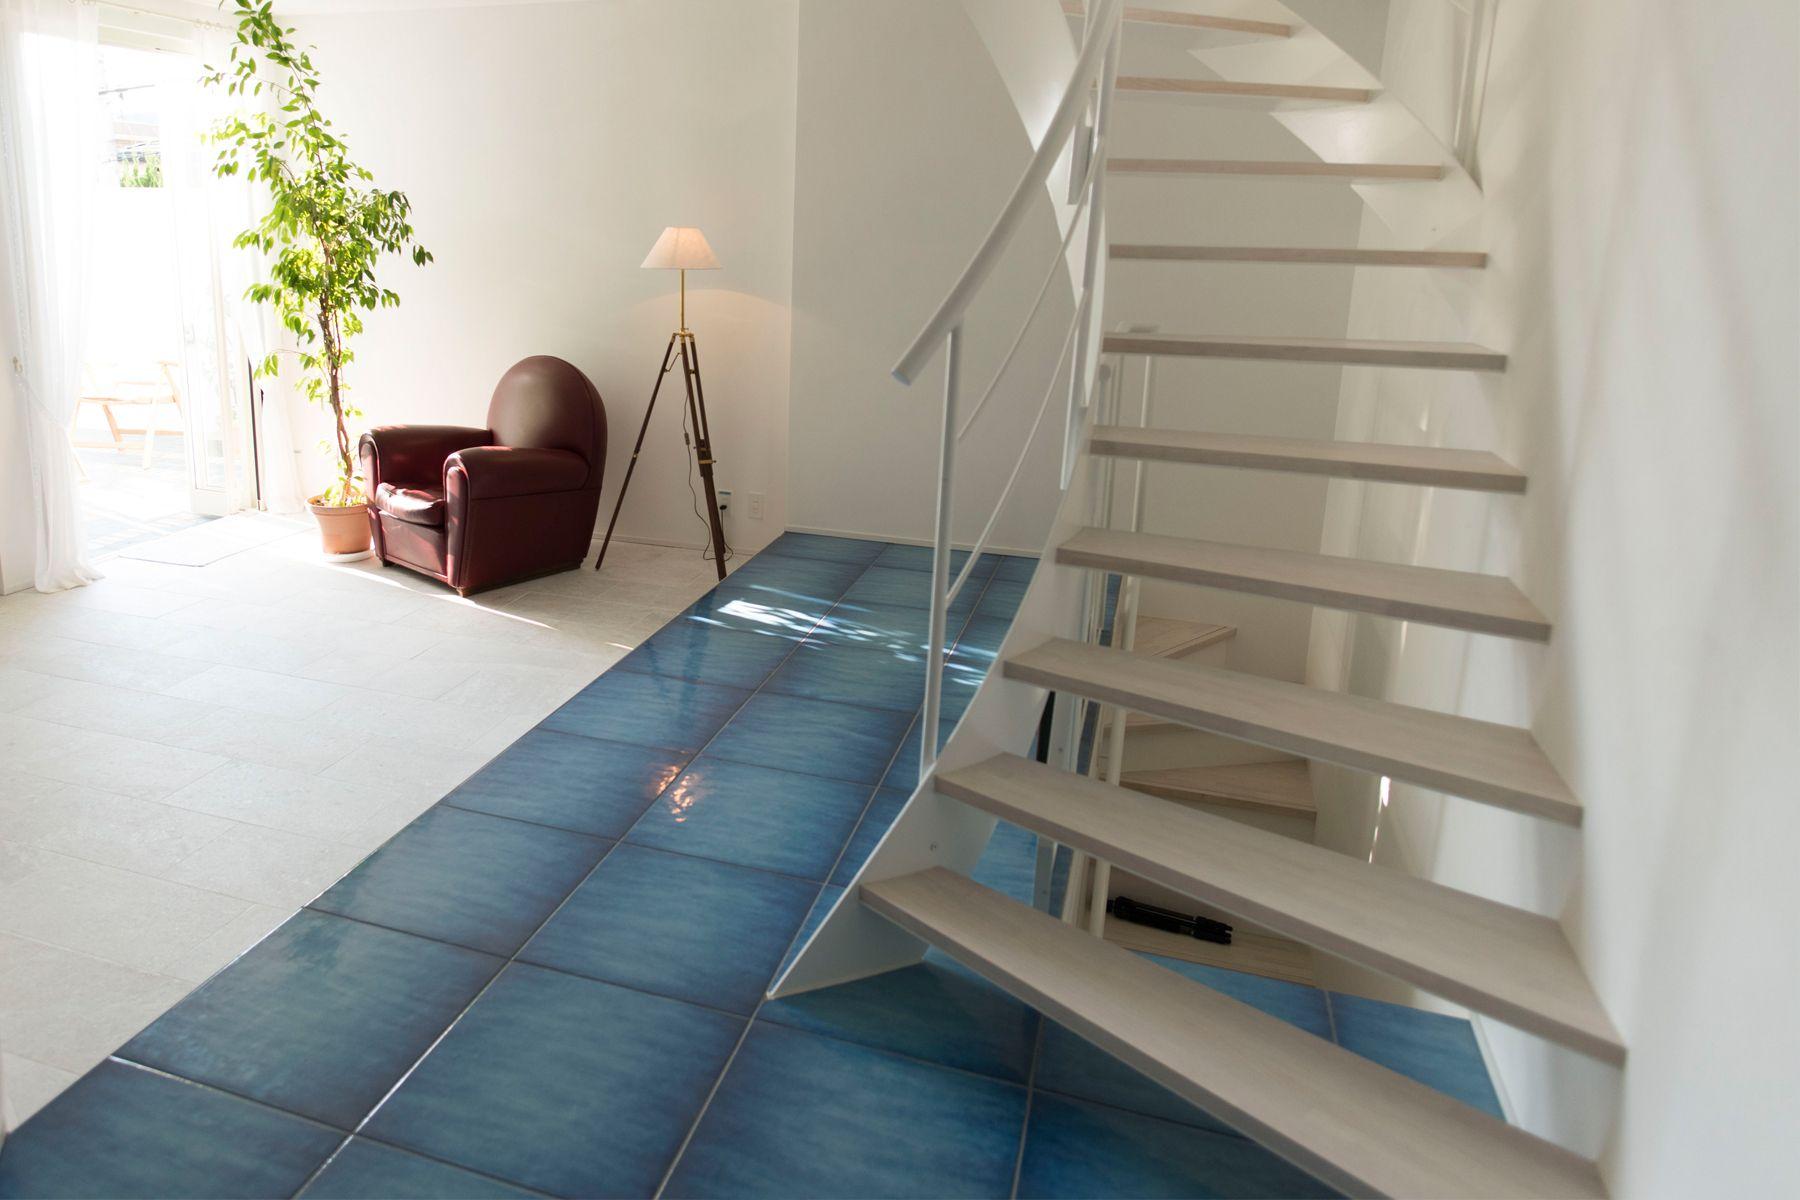 104/個人宅 (イチマルヨン)1F 階段